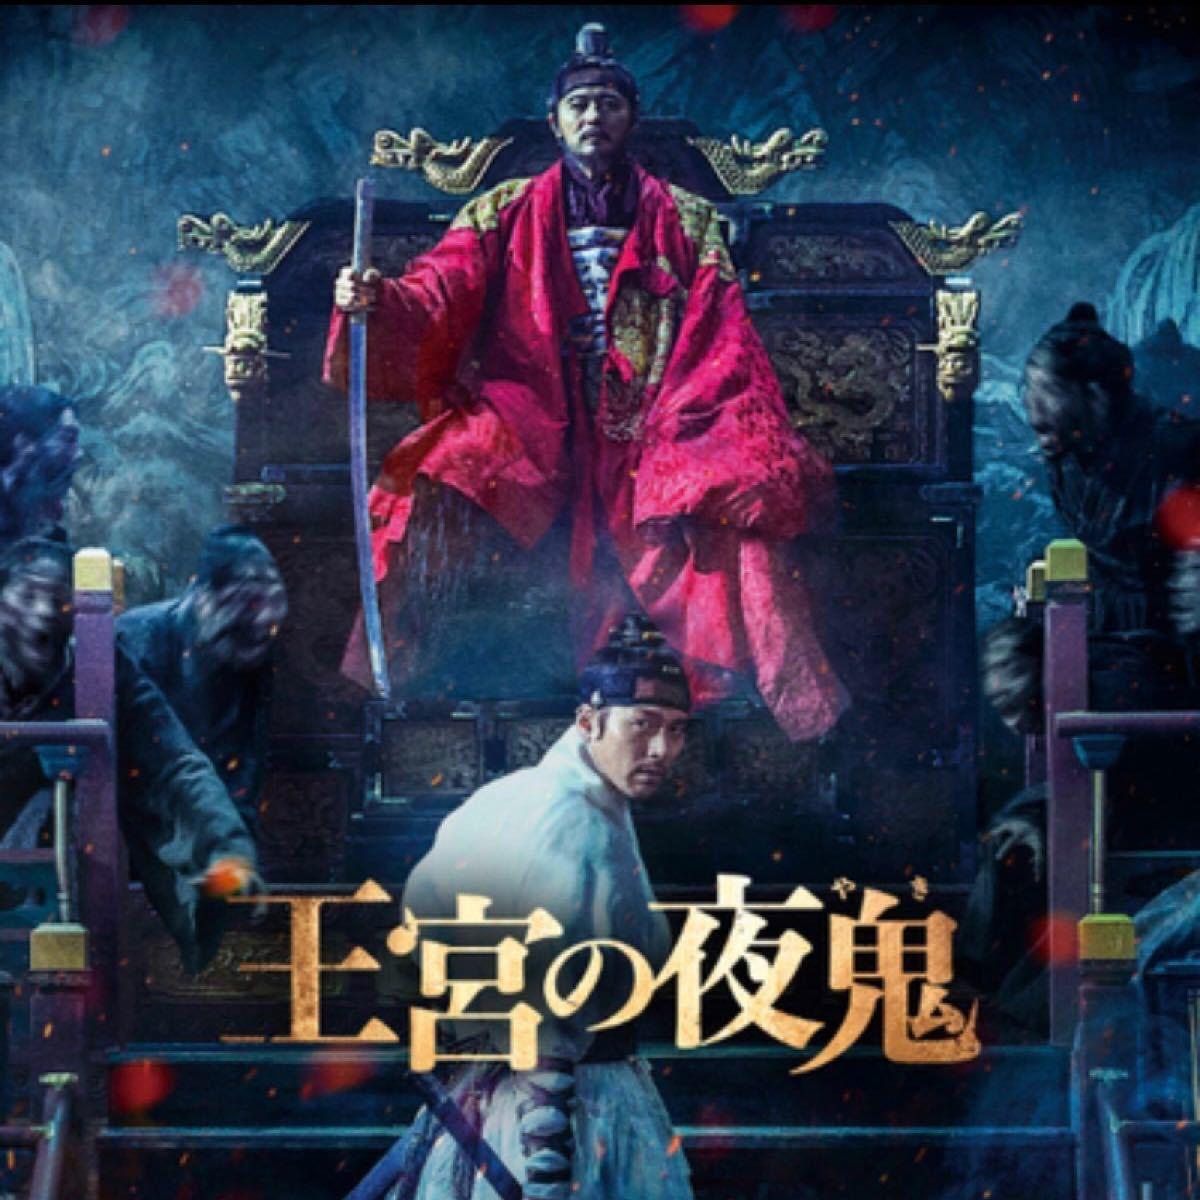 韓国映画  王宮の夜鬼  ヒョンビン  DVD  日本語吹替有り  レーベル有り